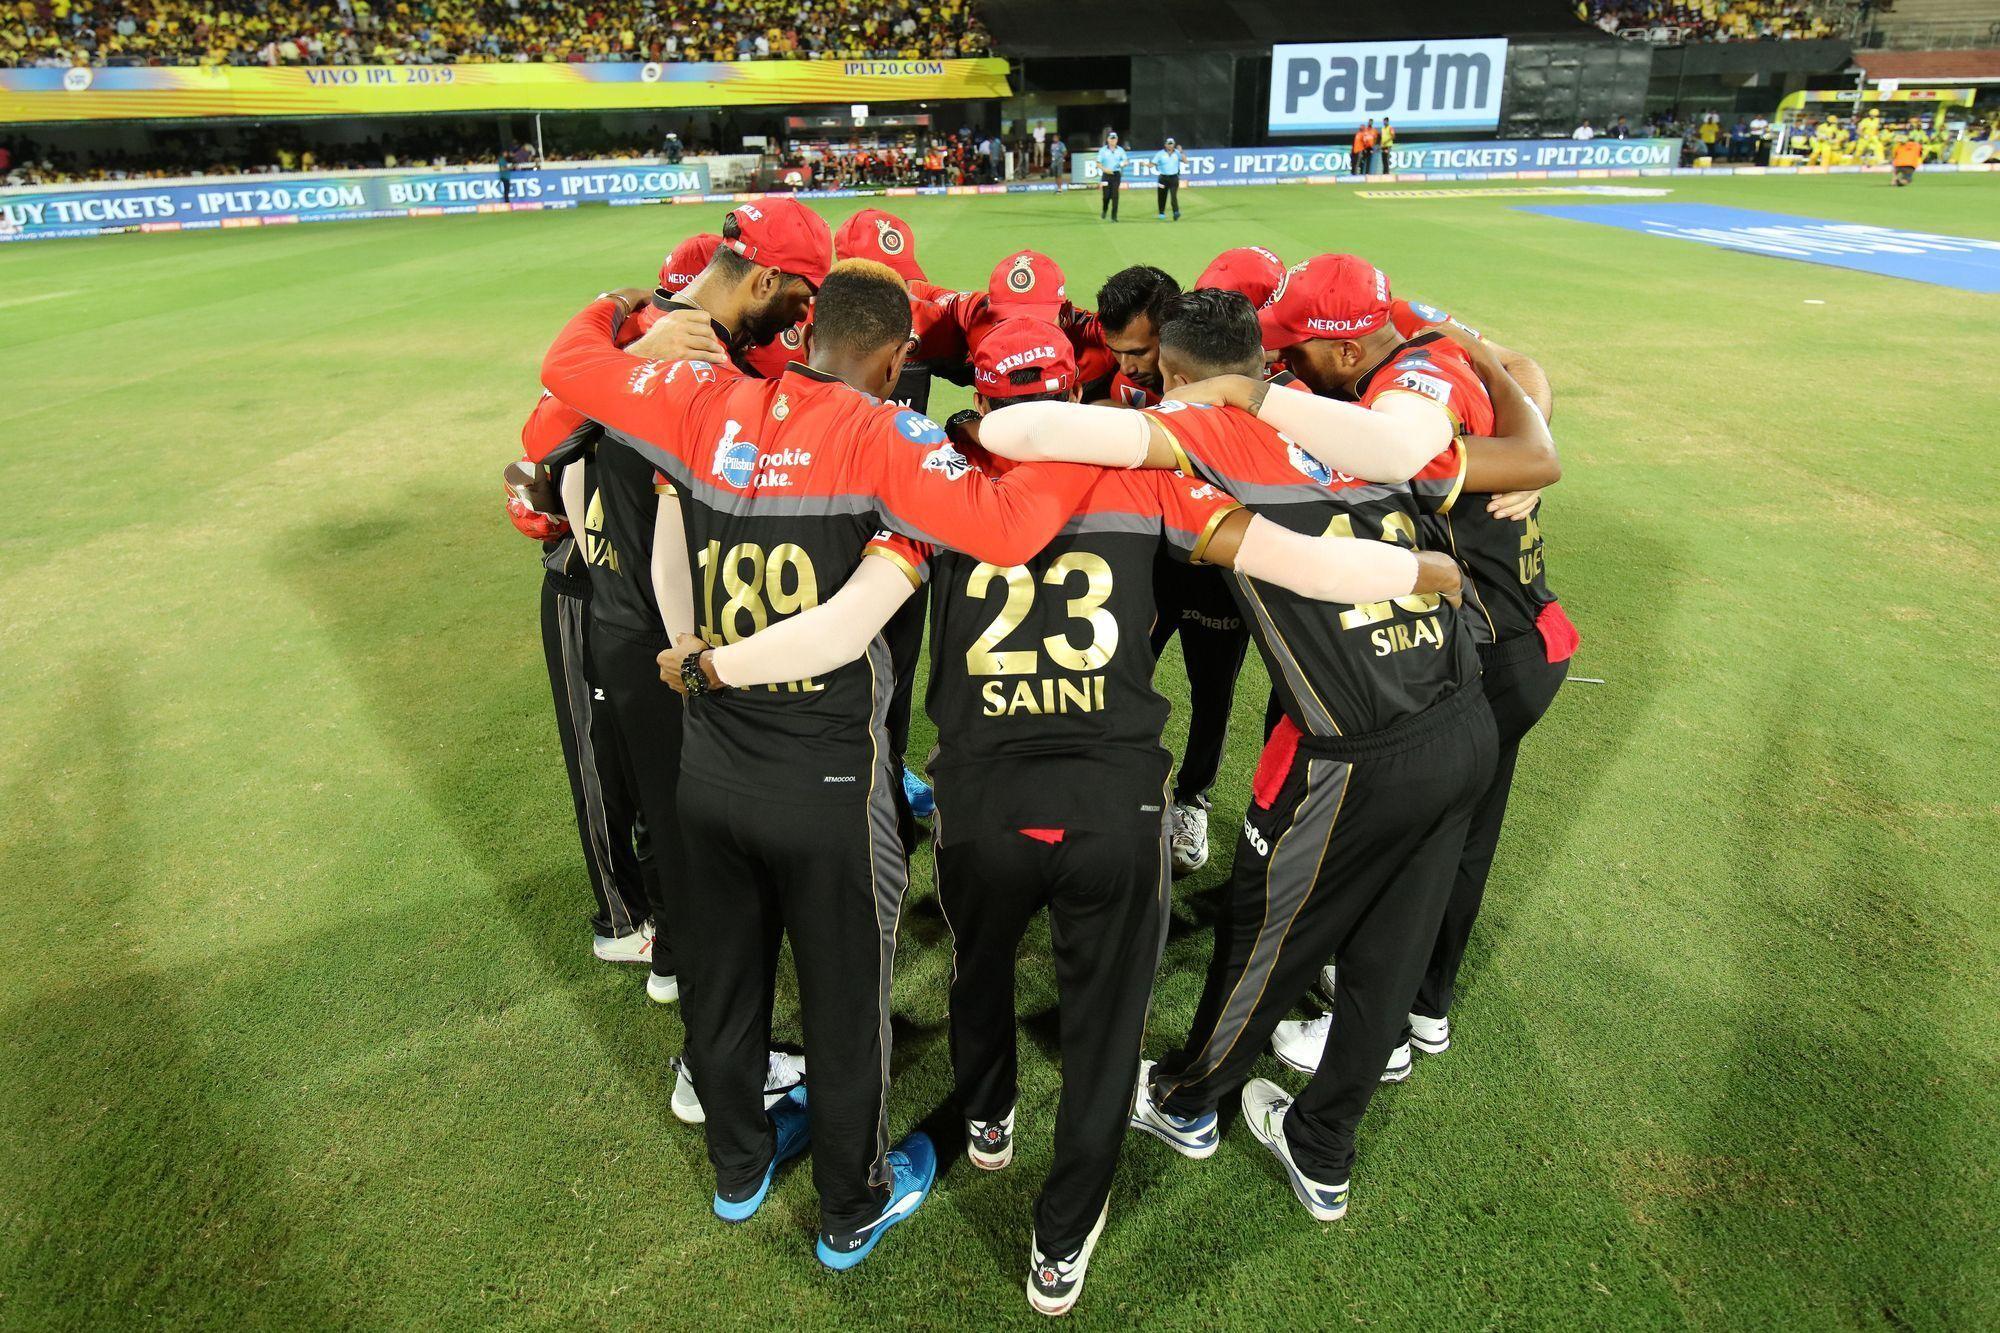 आईपीएल 2019: 3 बदलाव जिसे करने के बाद जीत की राह पकड़ सकती है विराट कोहली की आरसीबी 14